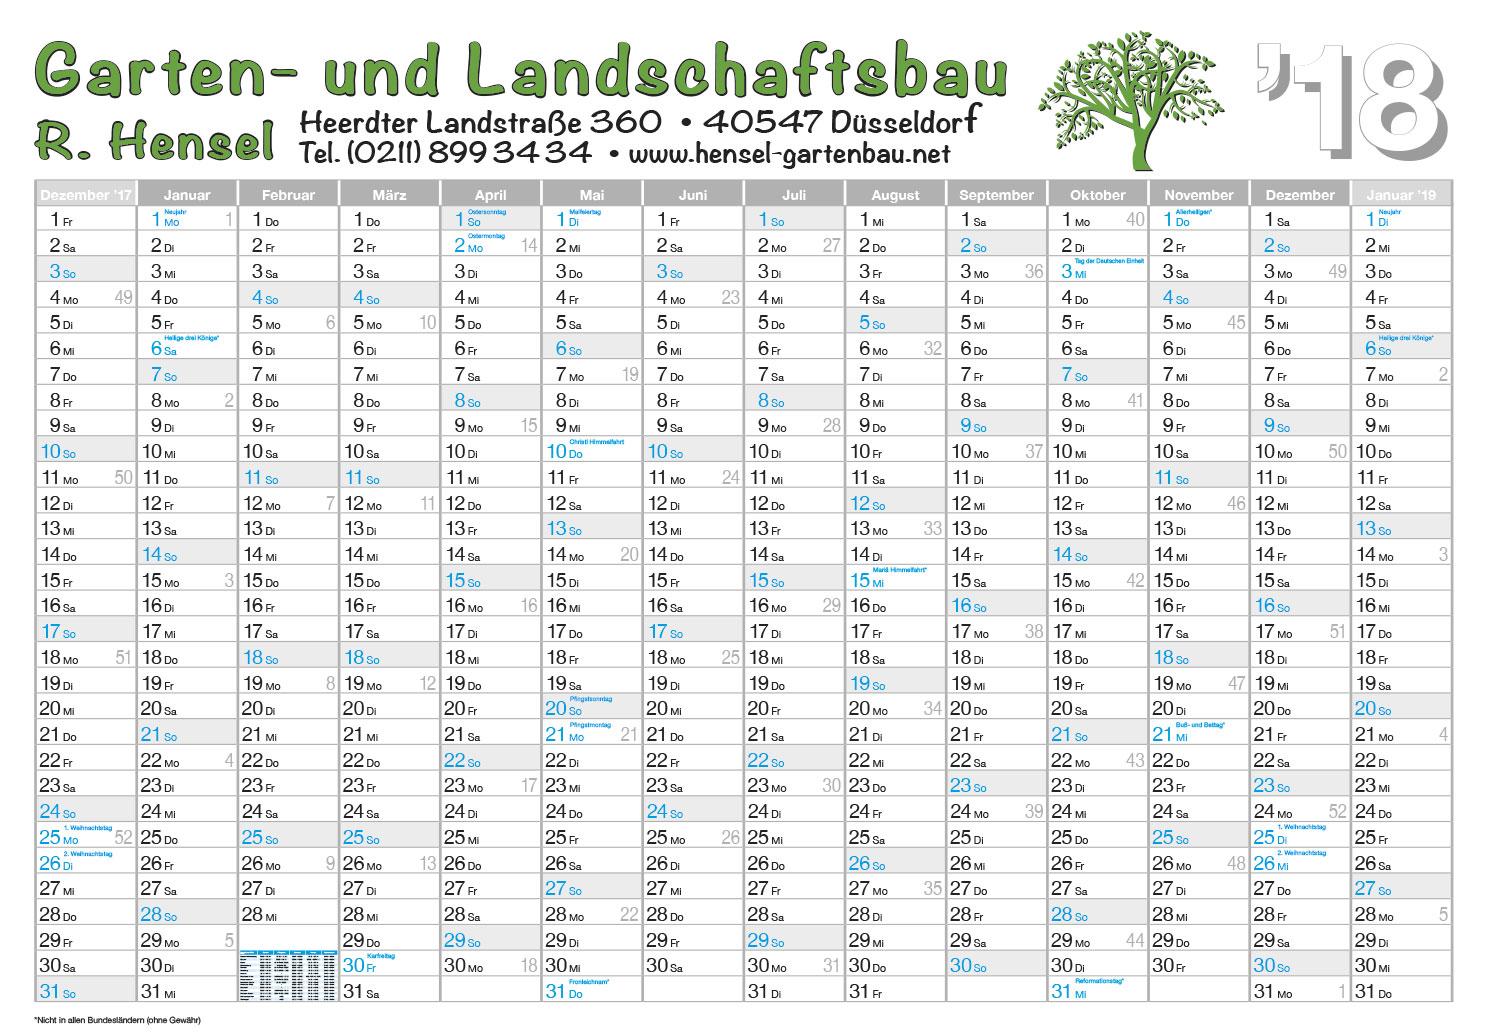 Referenz Wandplaner 2018 Garten u. Landschaftsbau